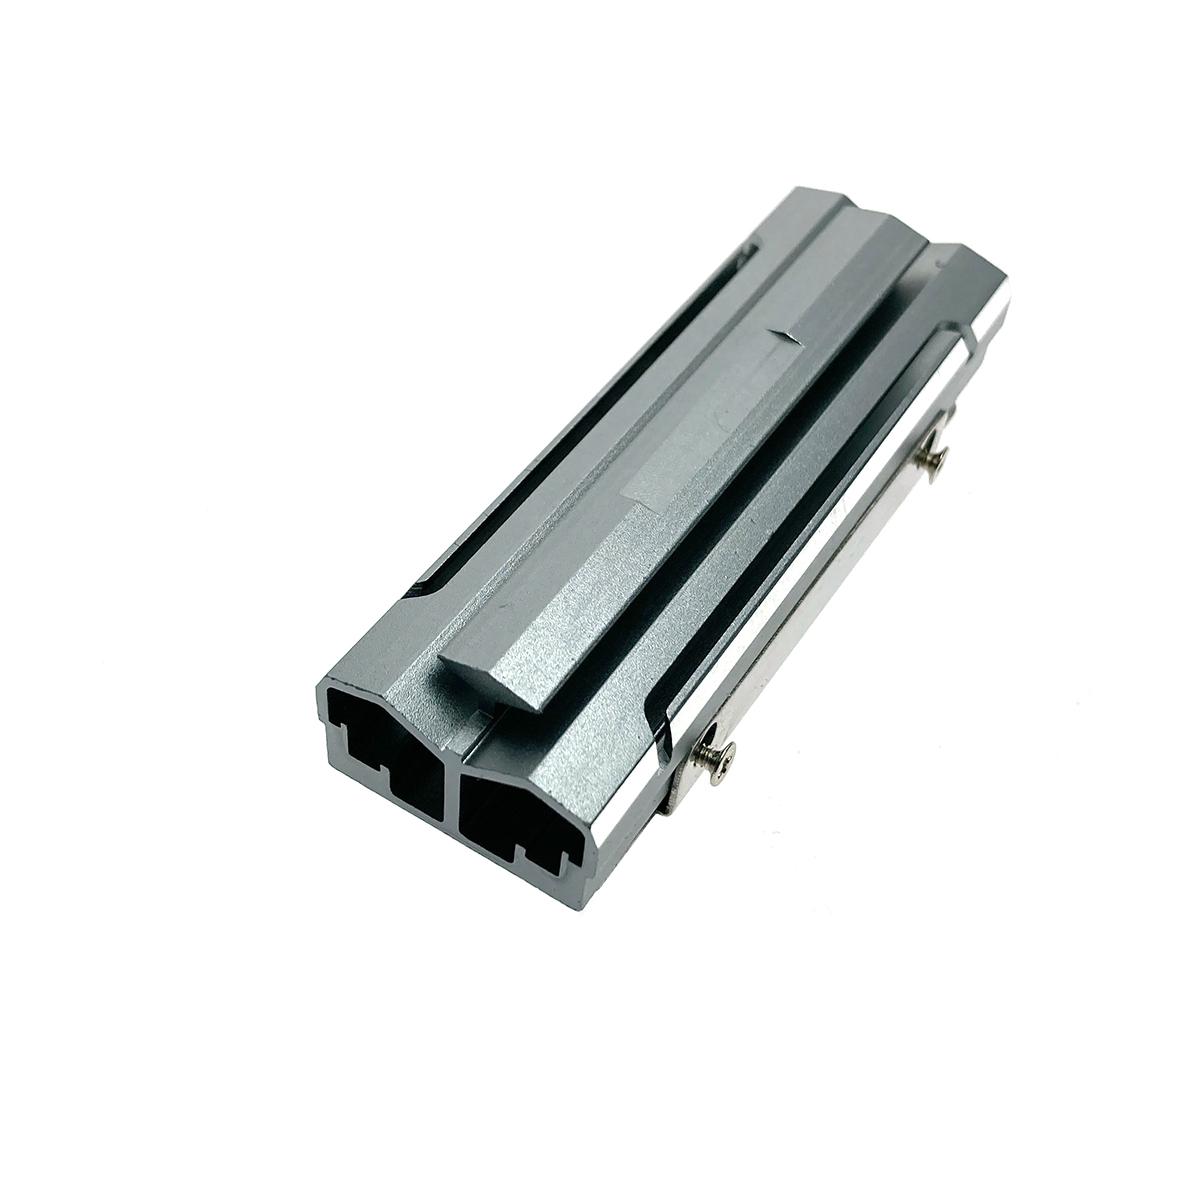 Радиатор для SSD М.2 2280 алюминиевый, модель ESP-R6, Espada, цвет серый